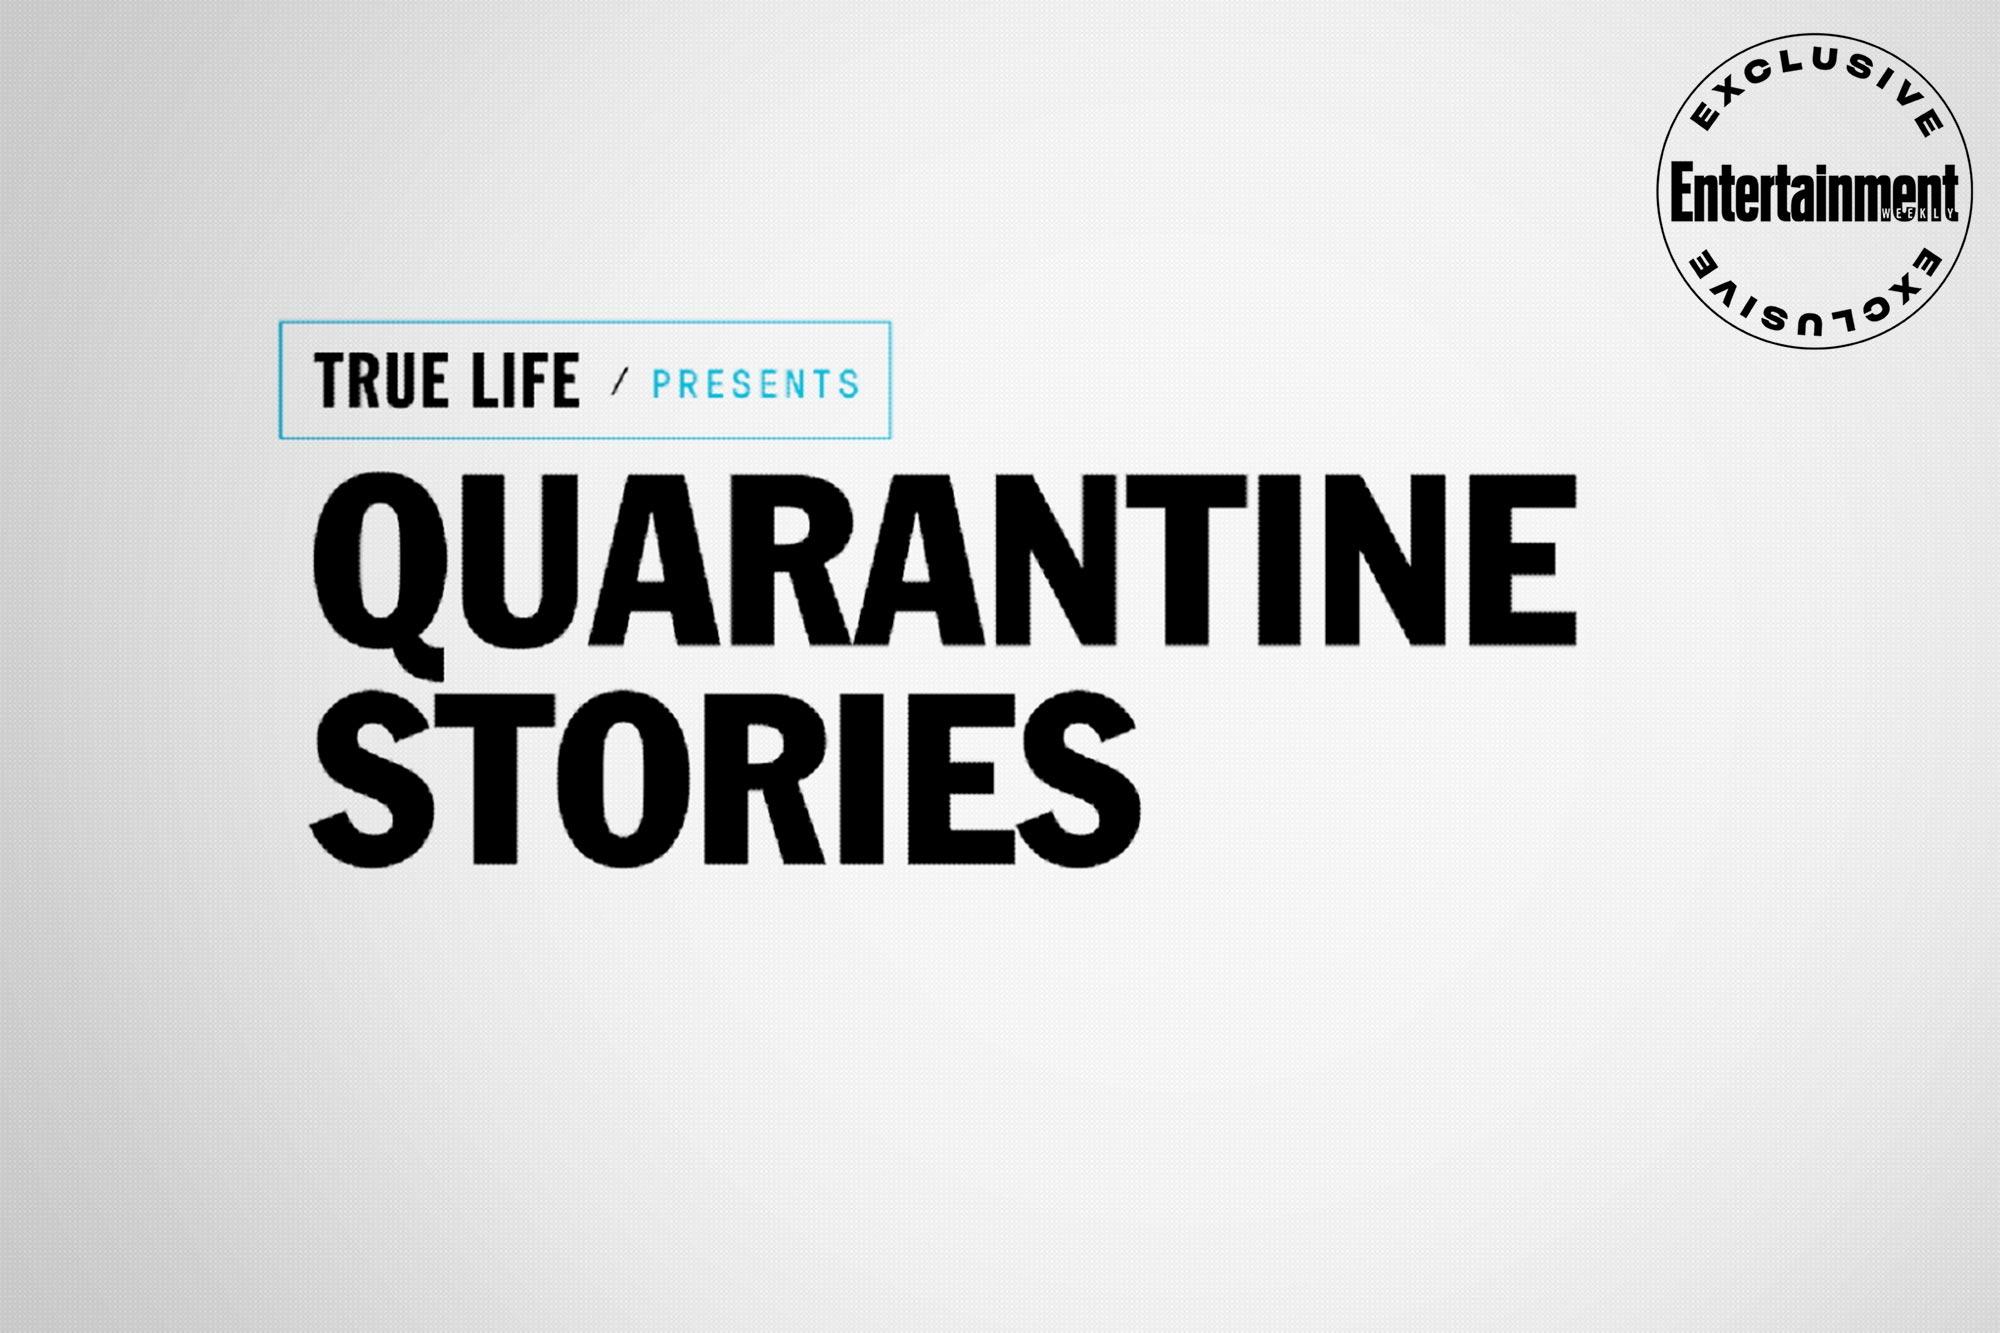 MTV launching quarantine-themed <em>True Life</em> series with <em>The Challenge</em>, <em>Are You the One?</em> alums